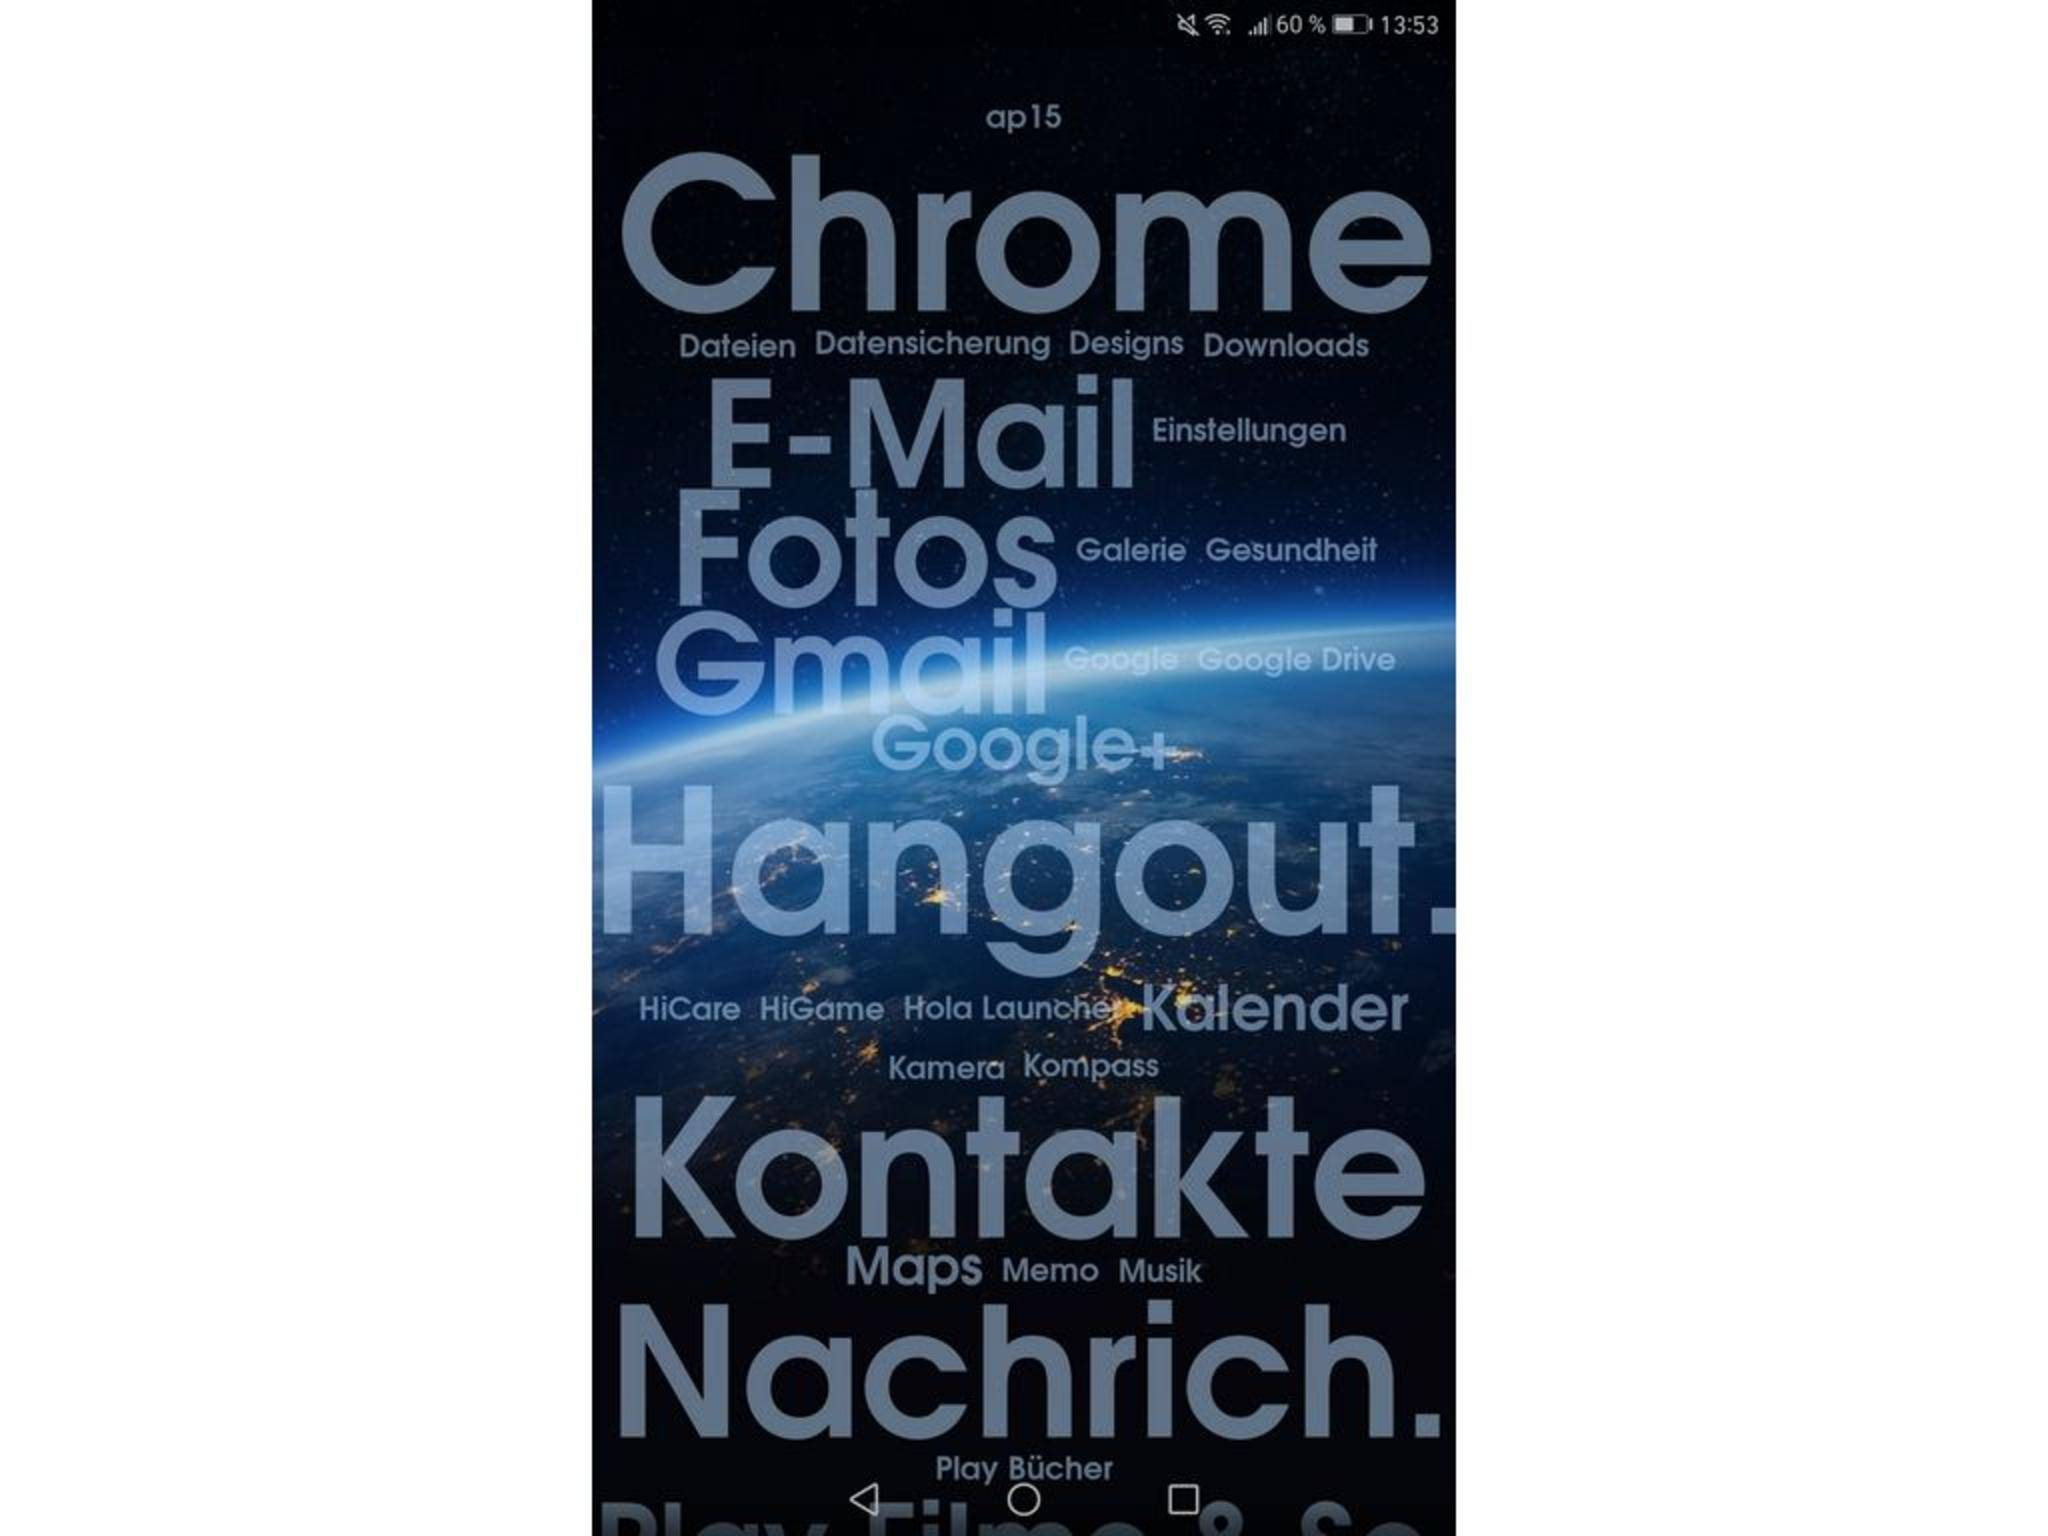 Viele stehen kostenlos bei Google Play zum Download zur Verfügung.